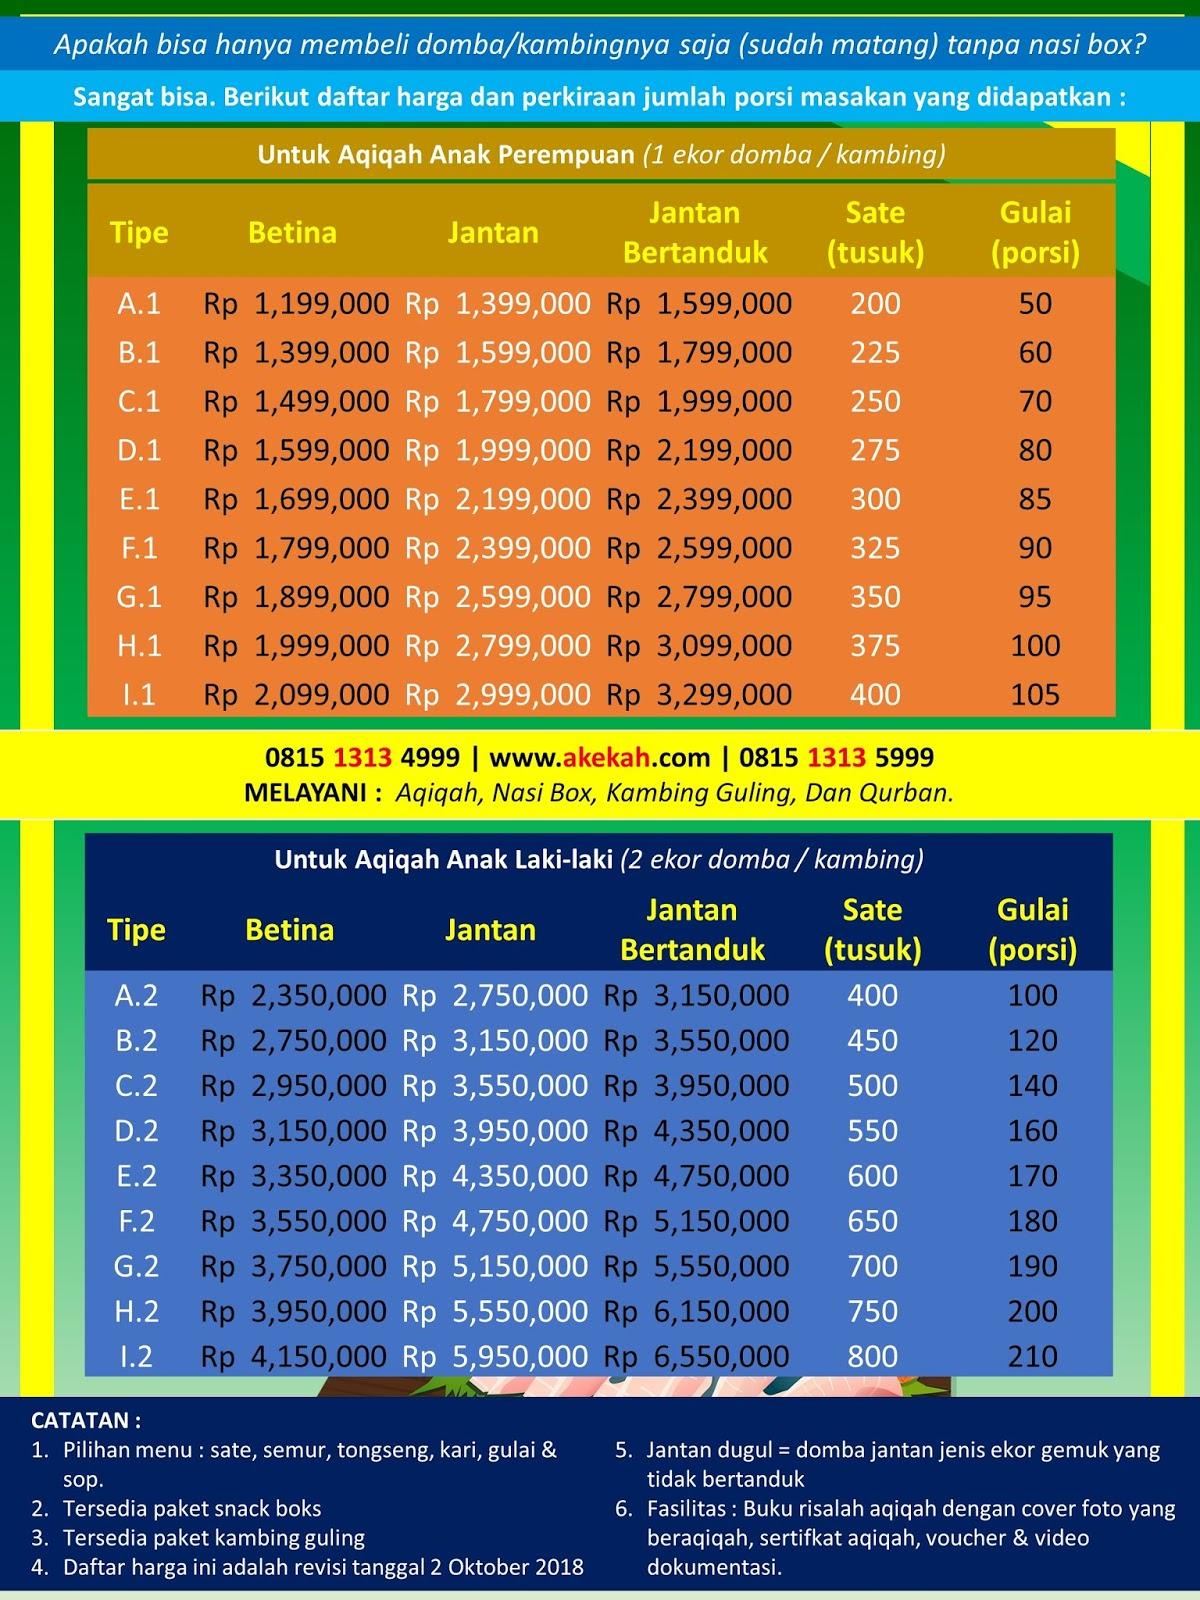 Harga Akikah & Catering Untuk Laki-Laki Wilayah Kabupaten Bogor Jawa Barat